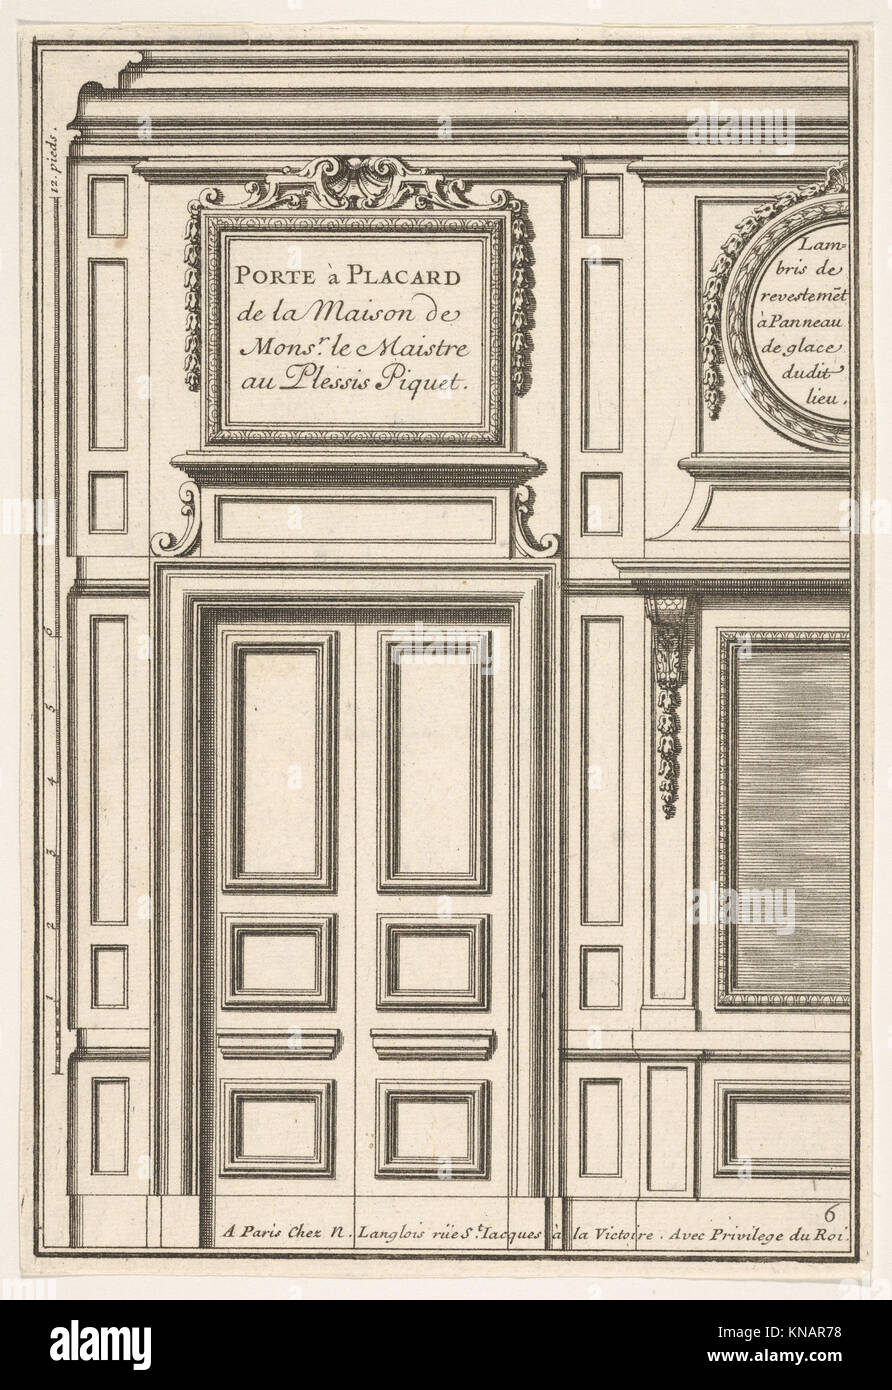 La Maison Du Placard Paris avec le placard stock photos & le placard stock images - alamy